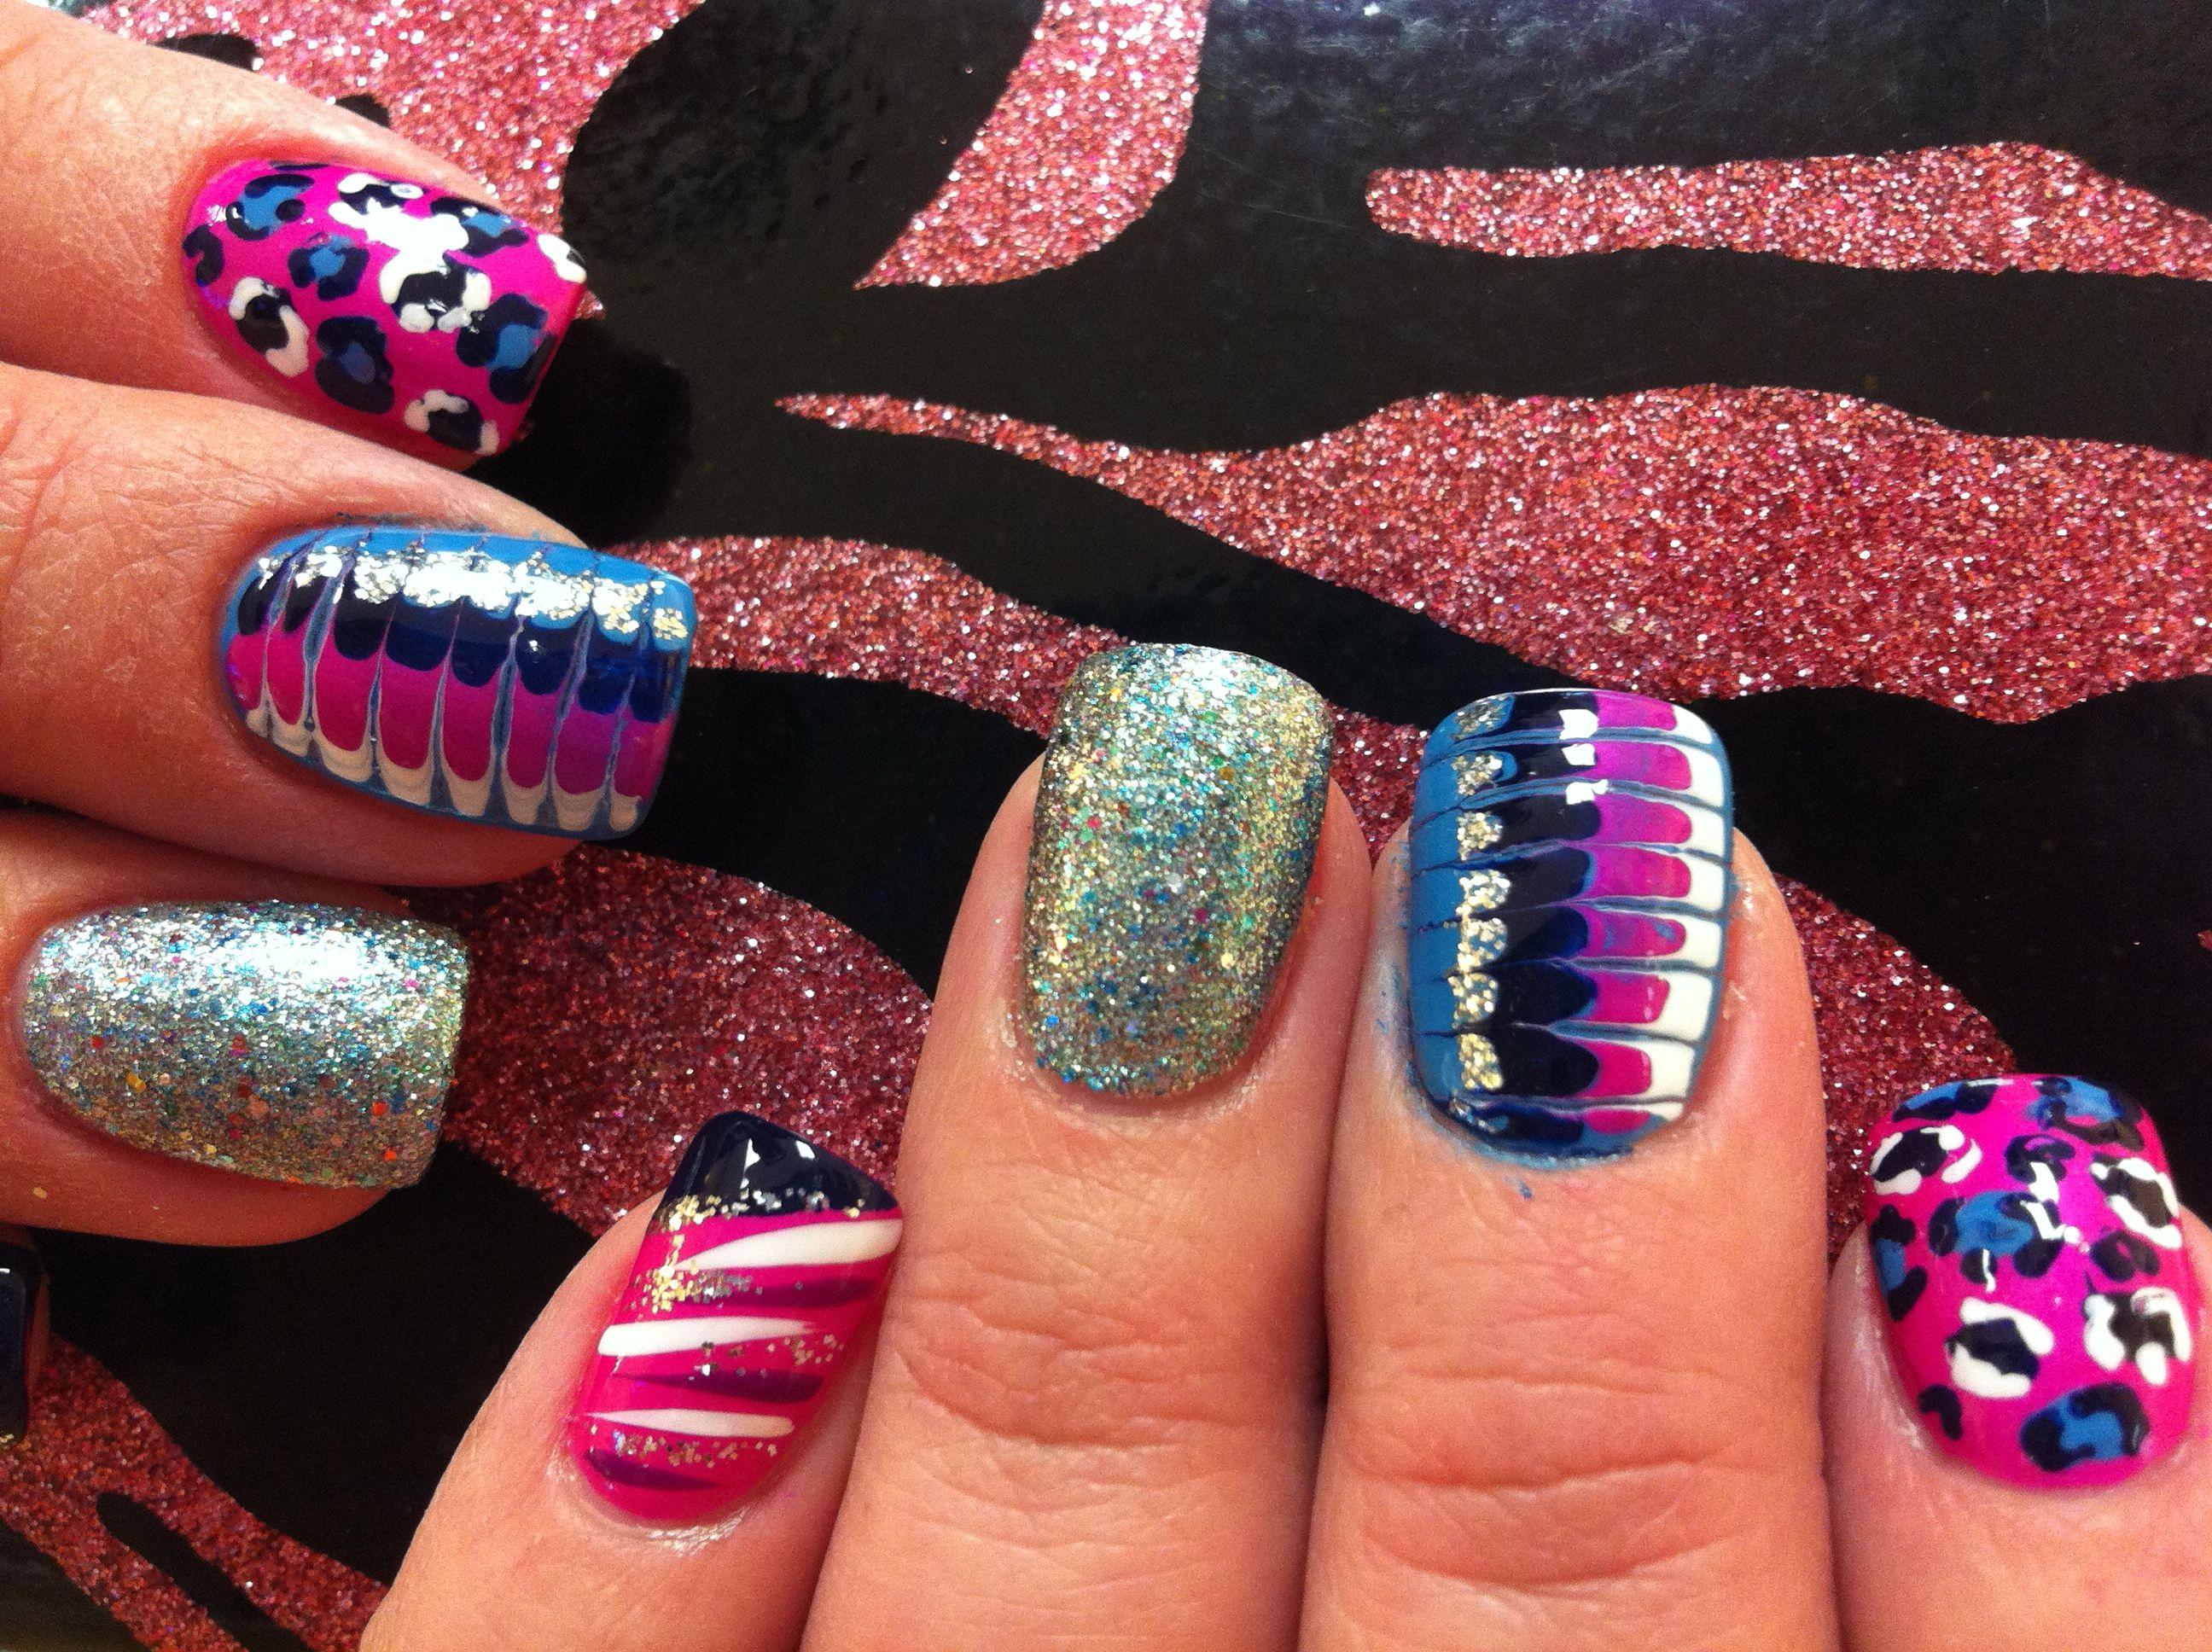 Pin by Diondra M on Nail Art   Nails, Nail art, Beauty